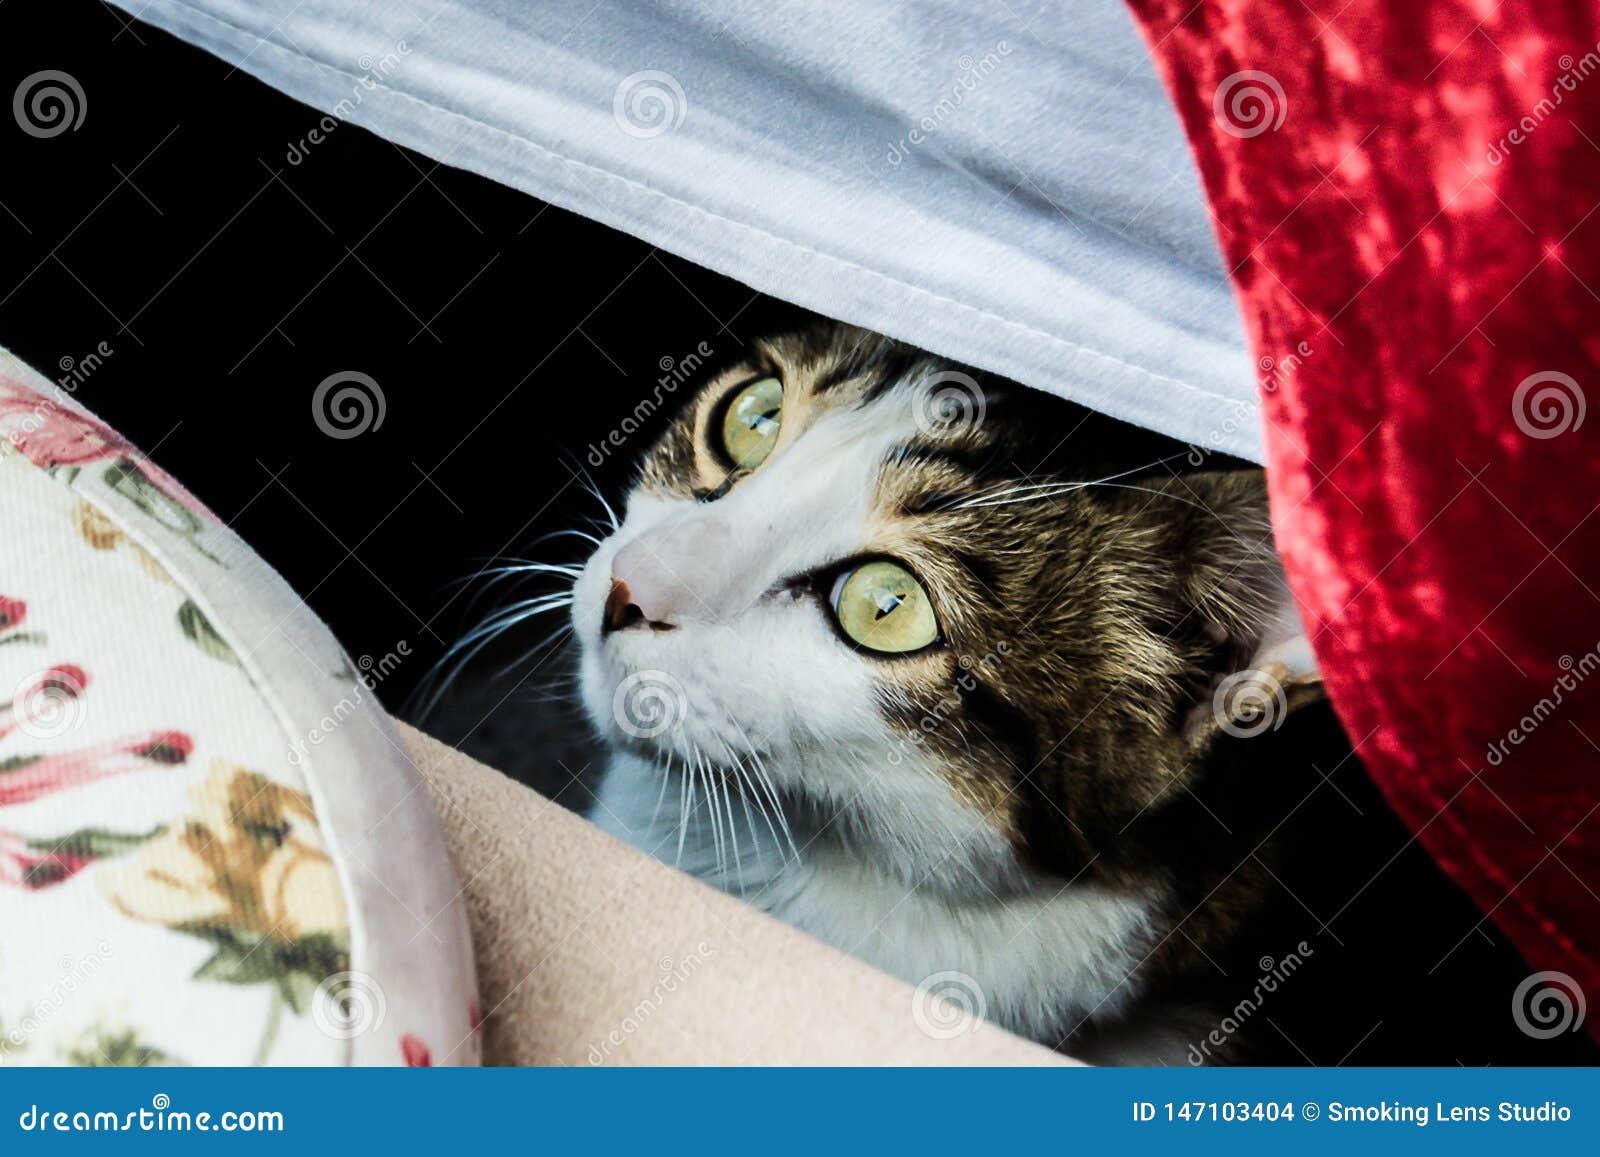 En katt stirrar under en tabell